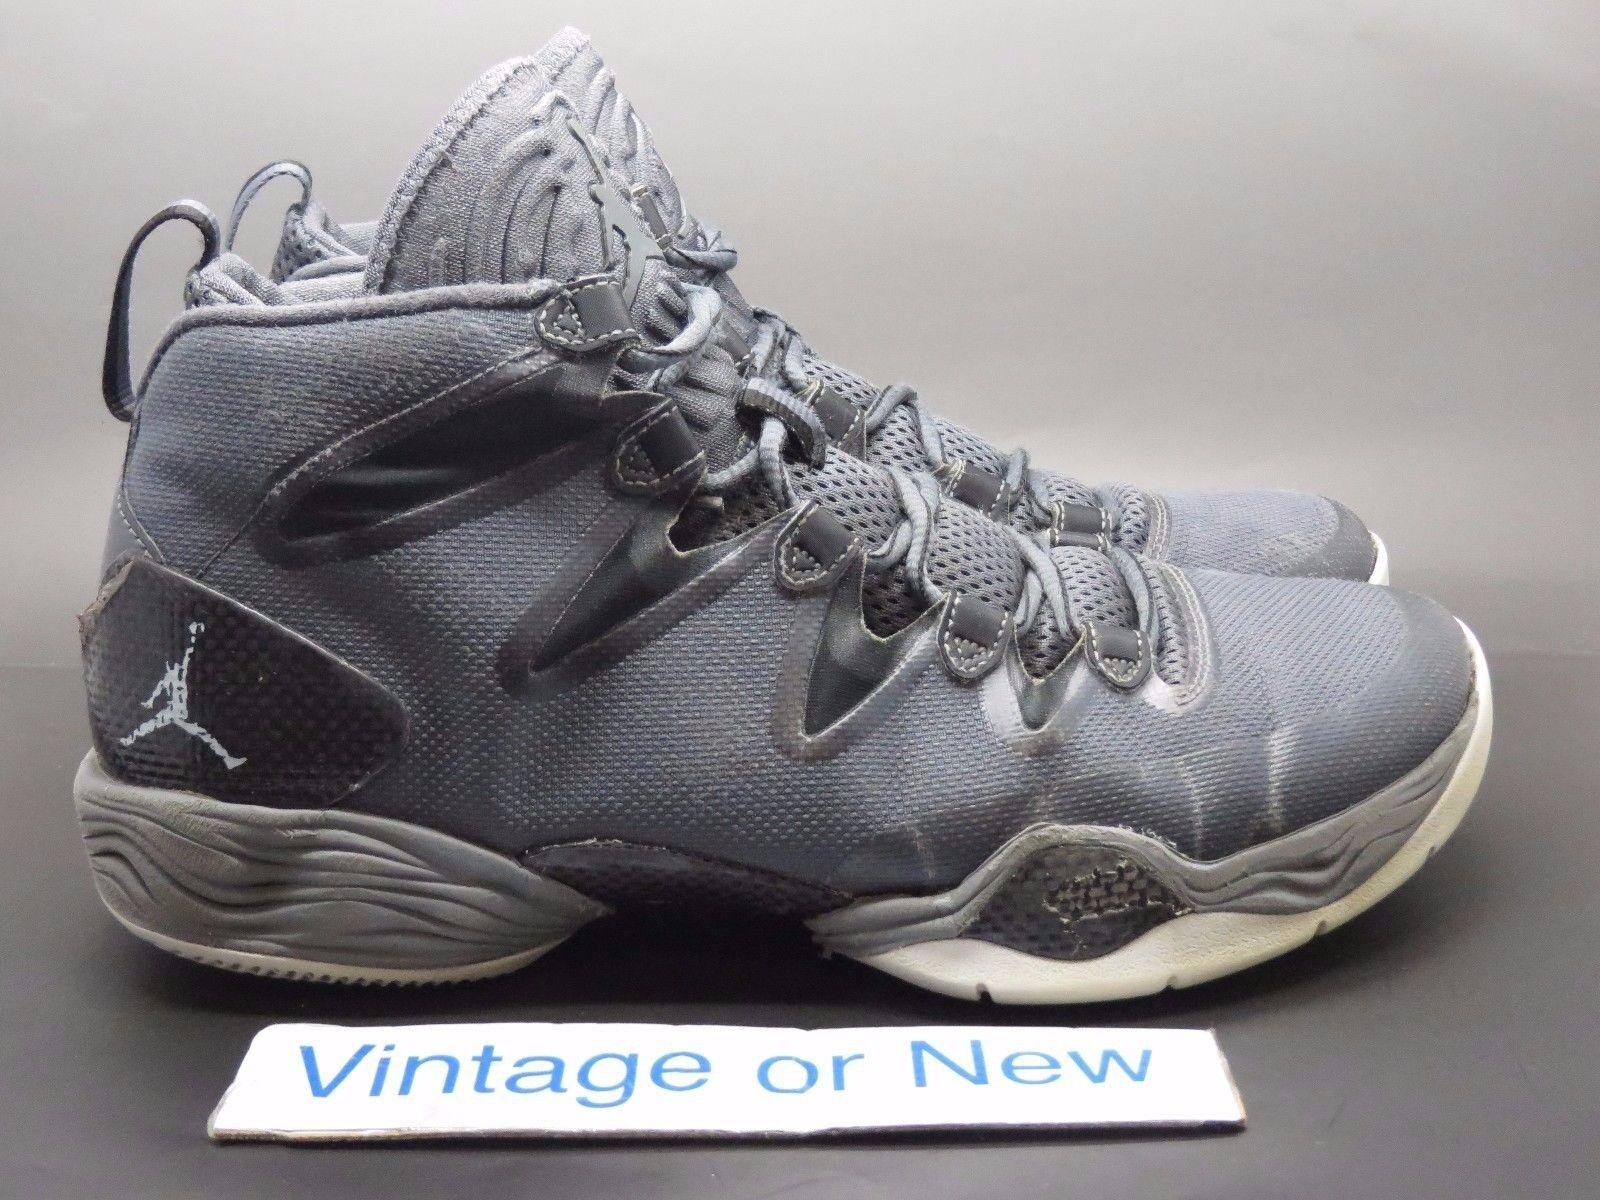 Air Jordan 28 xx8 28 Jordan se gris oscuro blanco negro gris fresco reducción de precio el mas popular de zapatos para hombres y mujeres f08510